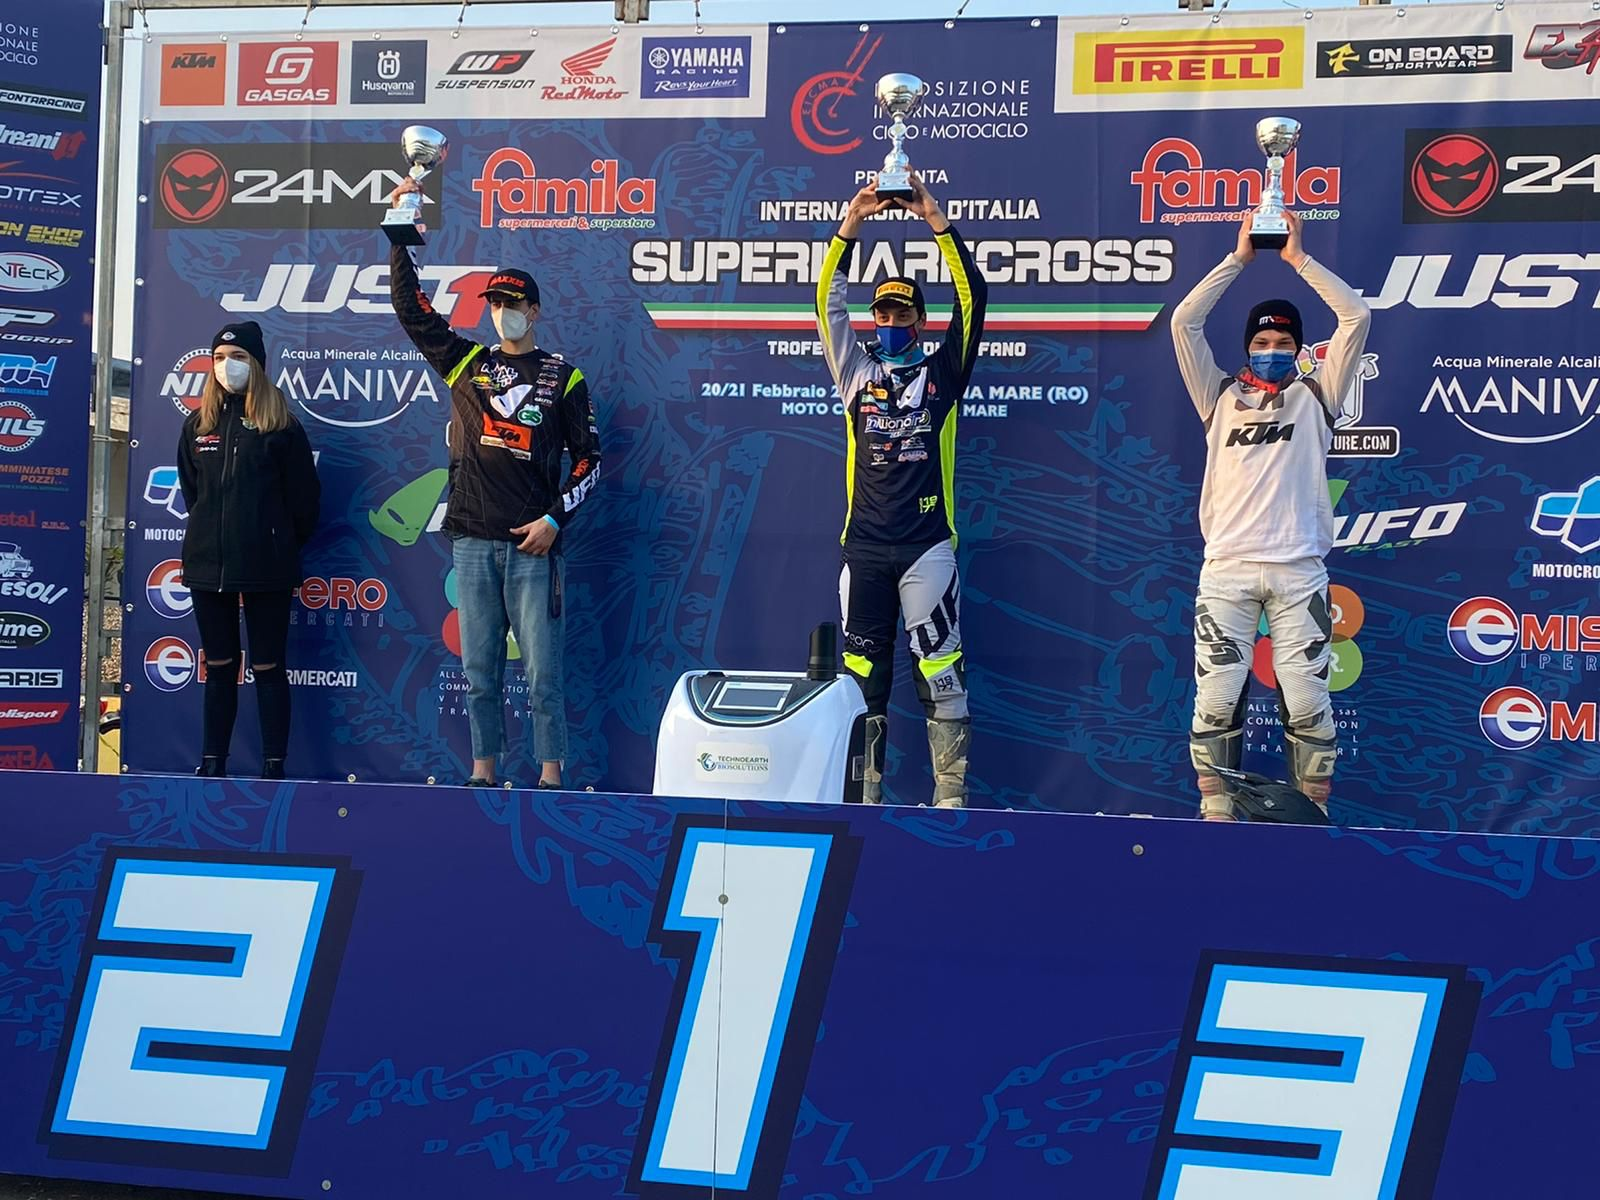 Supermarecross, a Bertuccelli il round della vigilia del Supercampione a Rosolina Mare